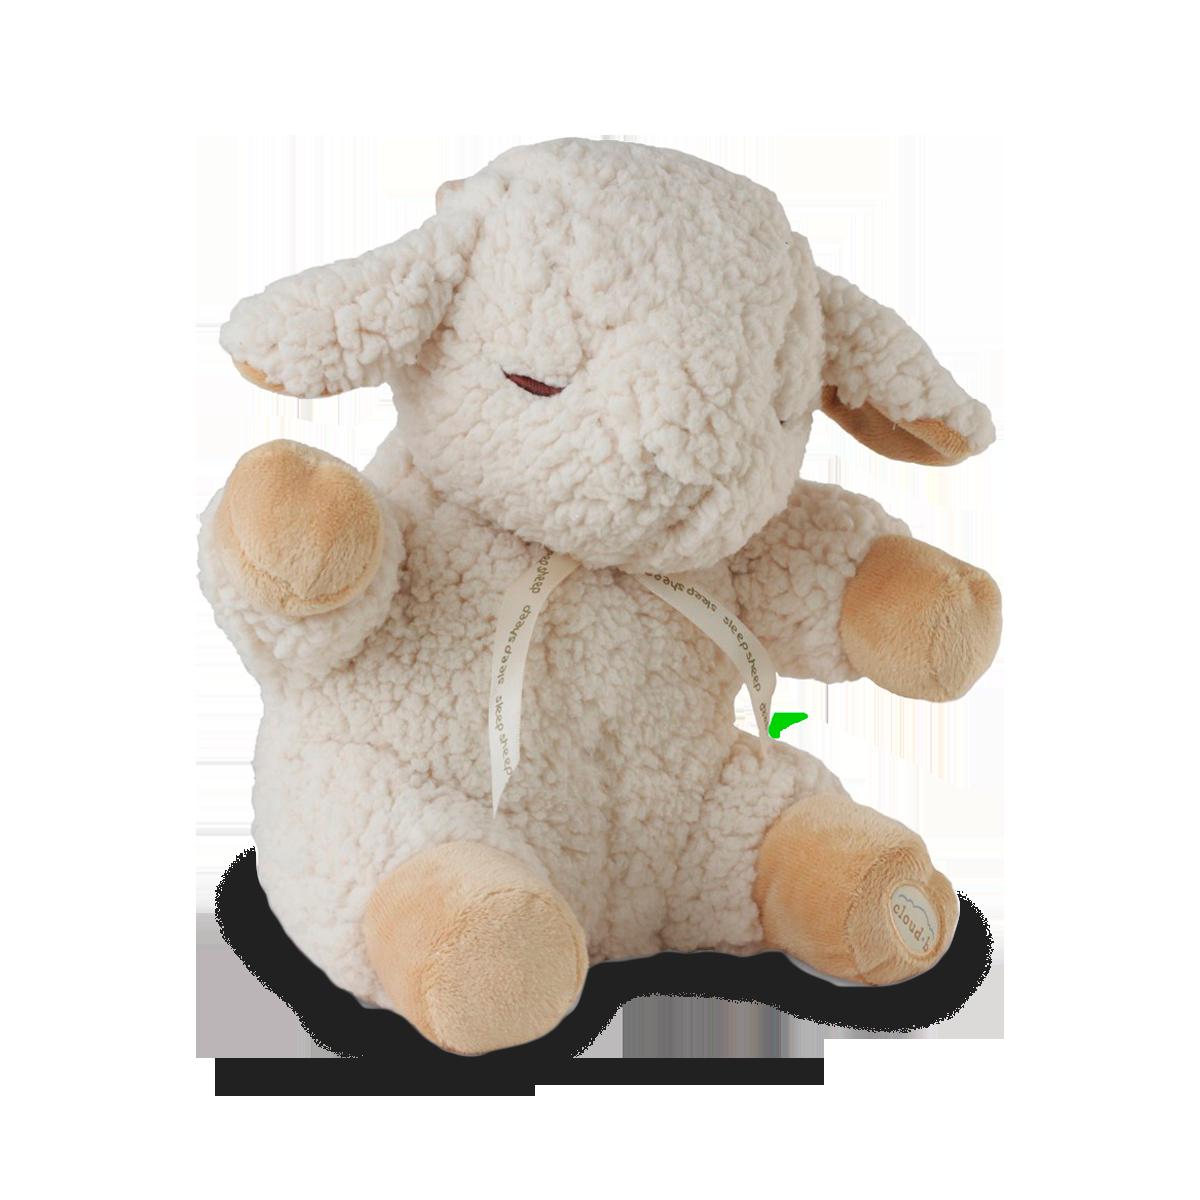 Cloud B Sleep Sheep - 29,99 €